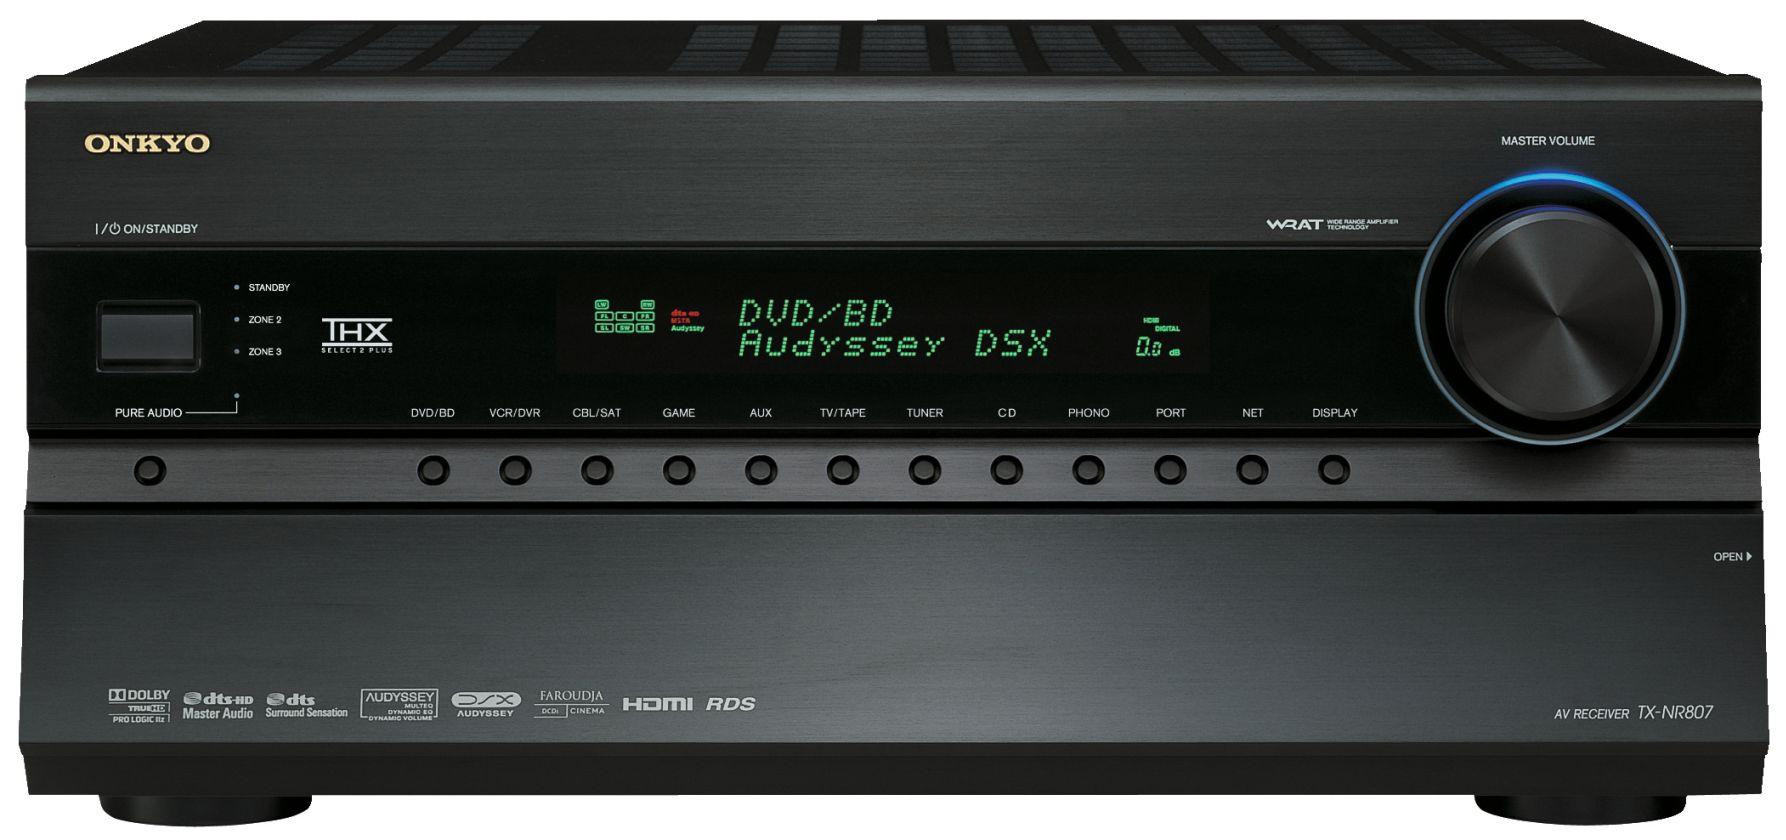 ONKYO TX-NR807